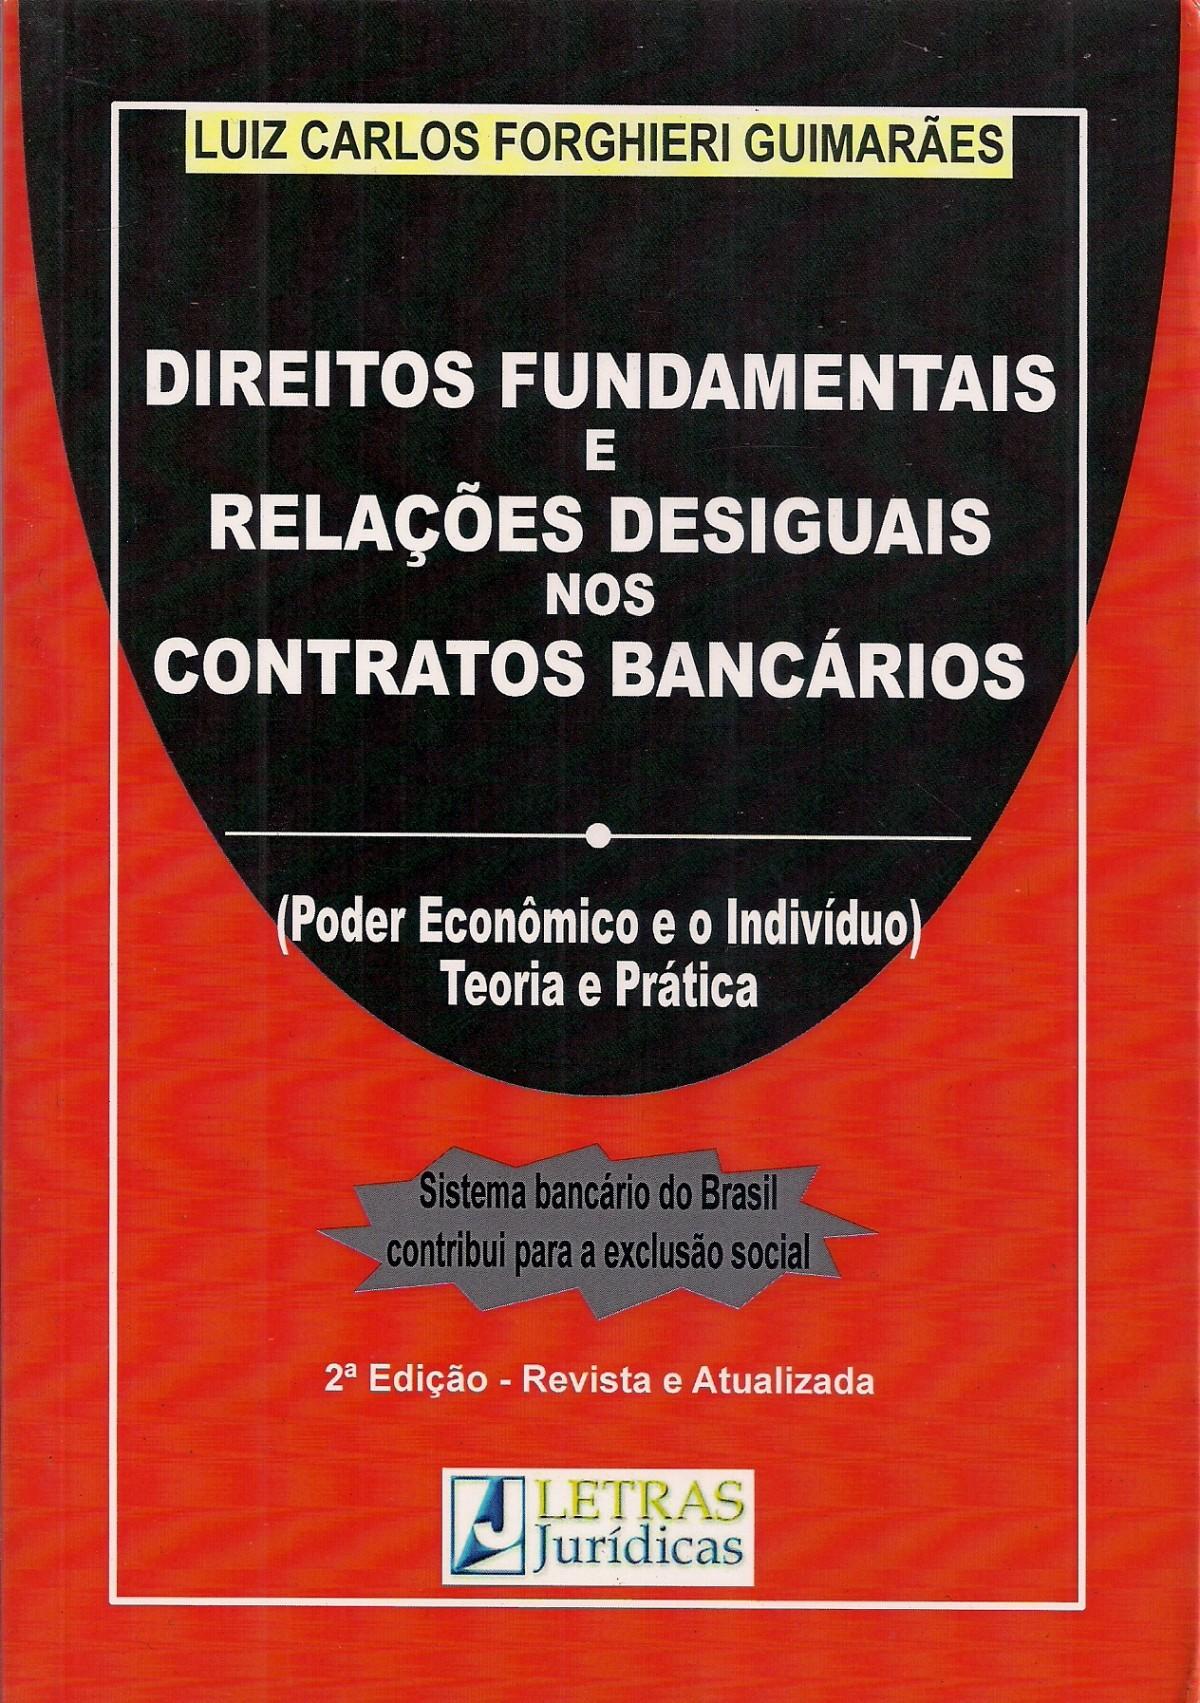 Foto 1 - Direitos Fundamentais e Relações Desiguais nos Contratos Bancários